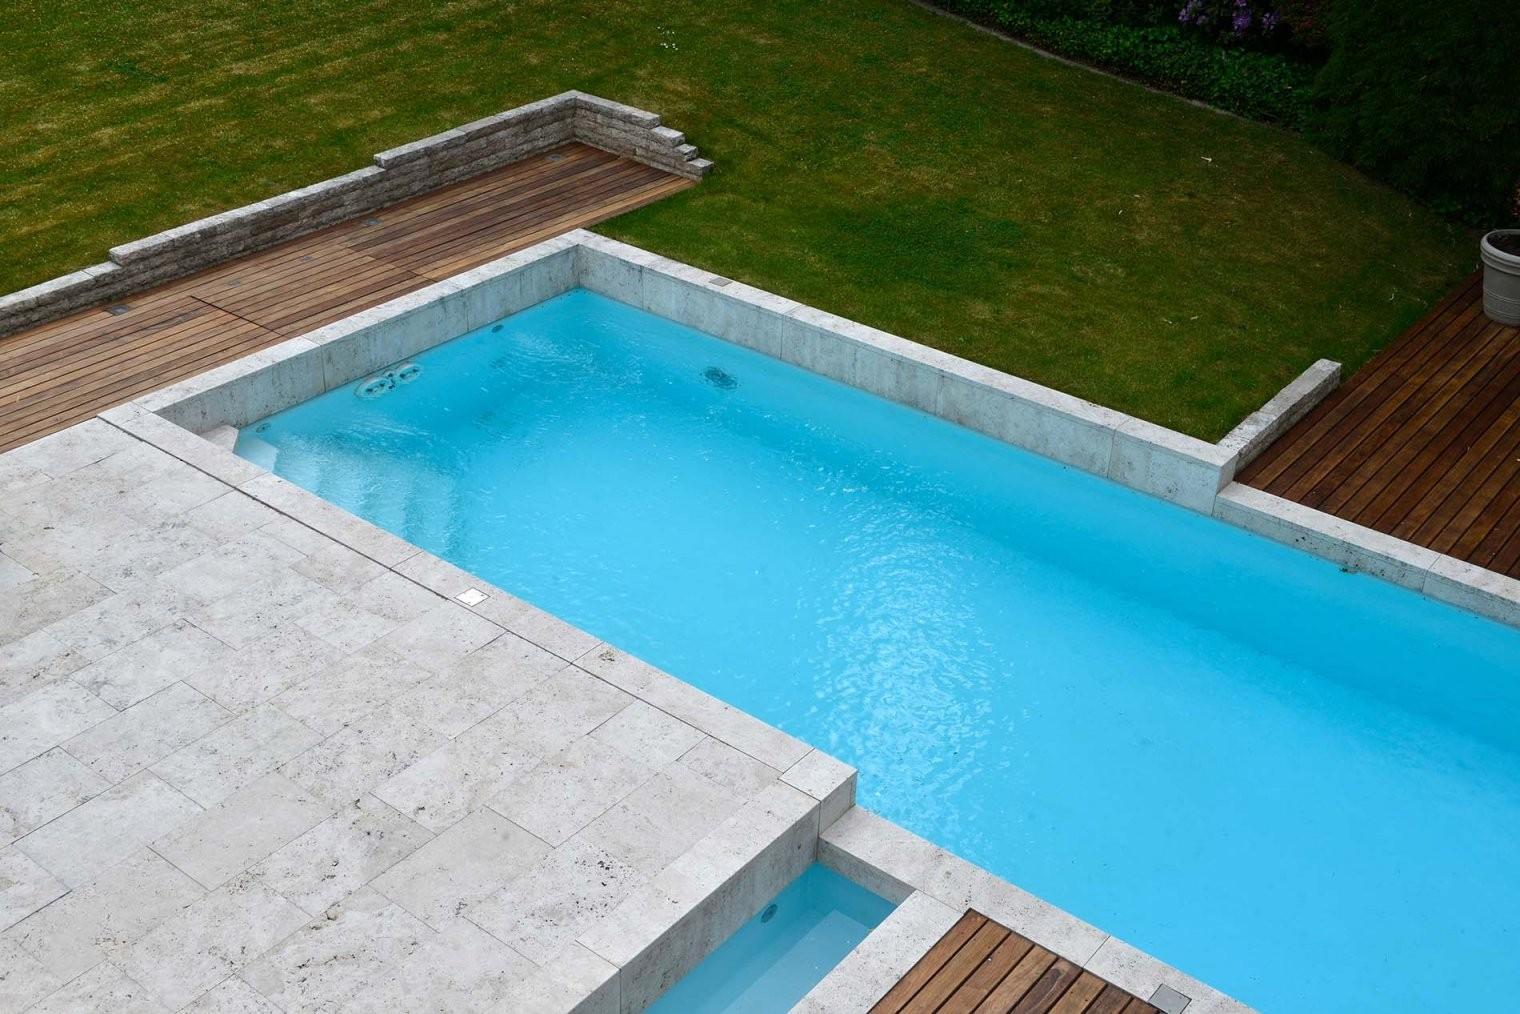 Pool Günstig Selber Bauen  Kosten Anleitung Für Gartenpool  Co von Pool Selber Bauen Billig Photo